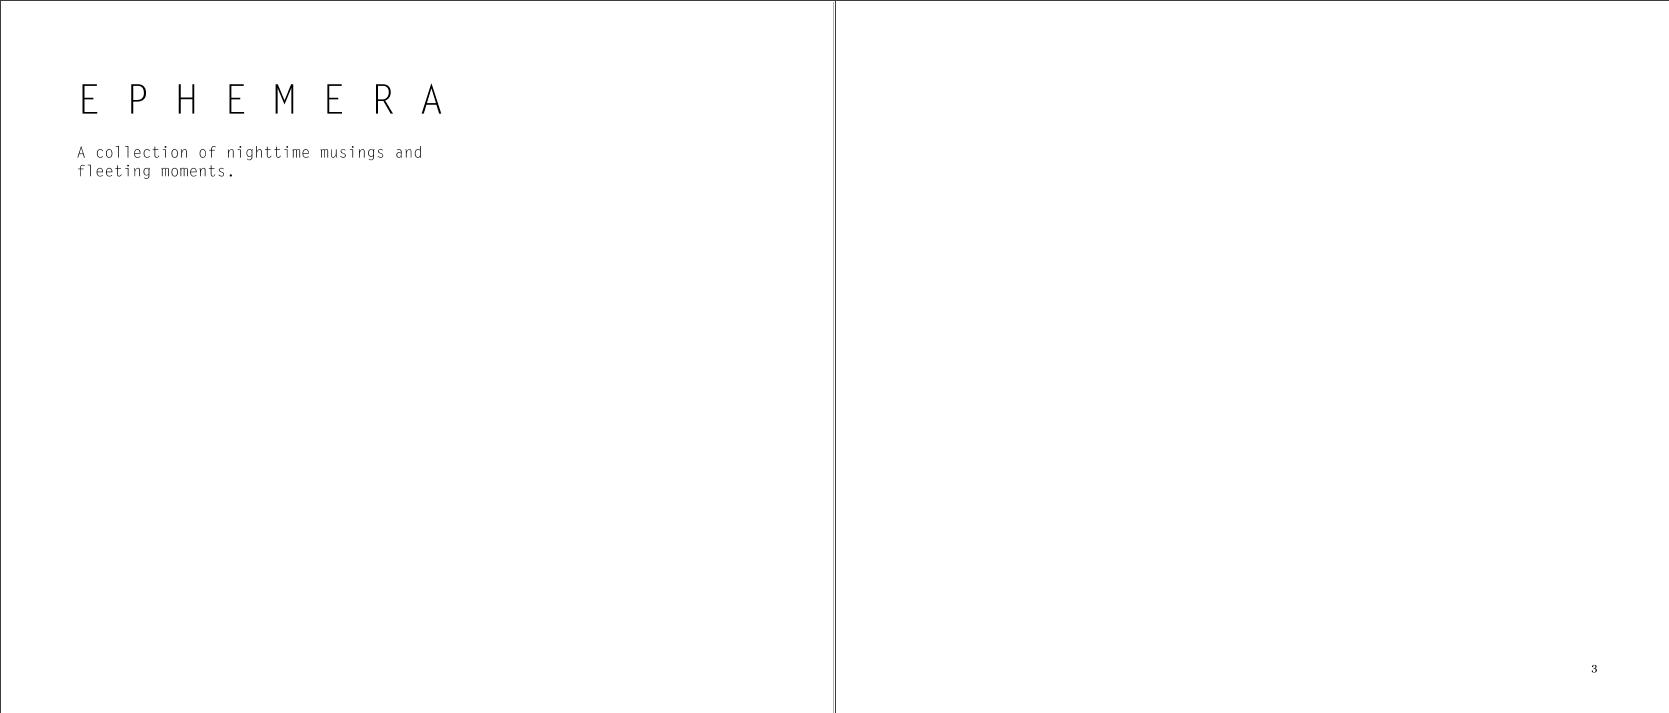 Screen Shot 2013-11-11 at 8.08.51 PM.png